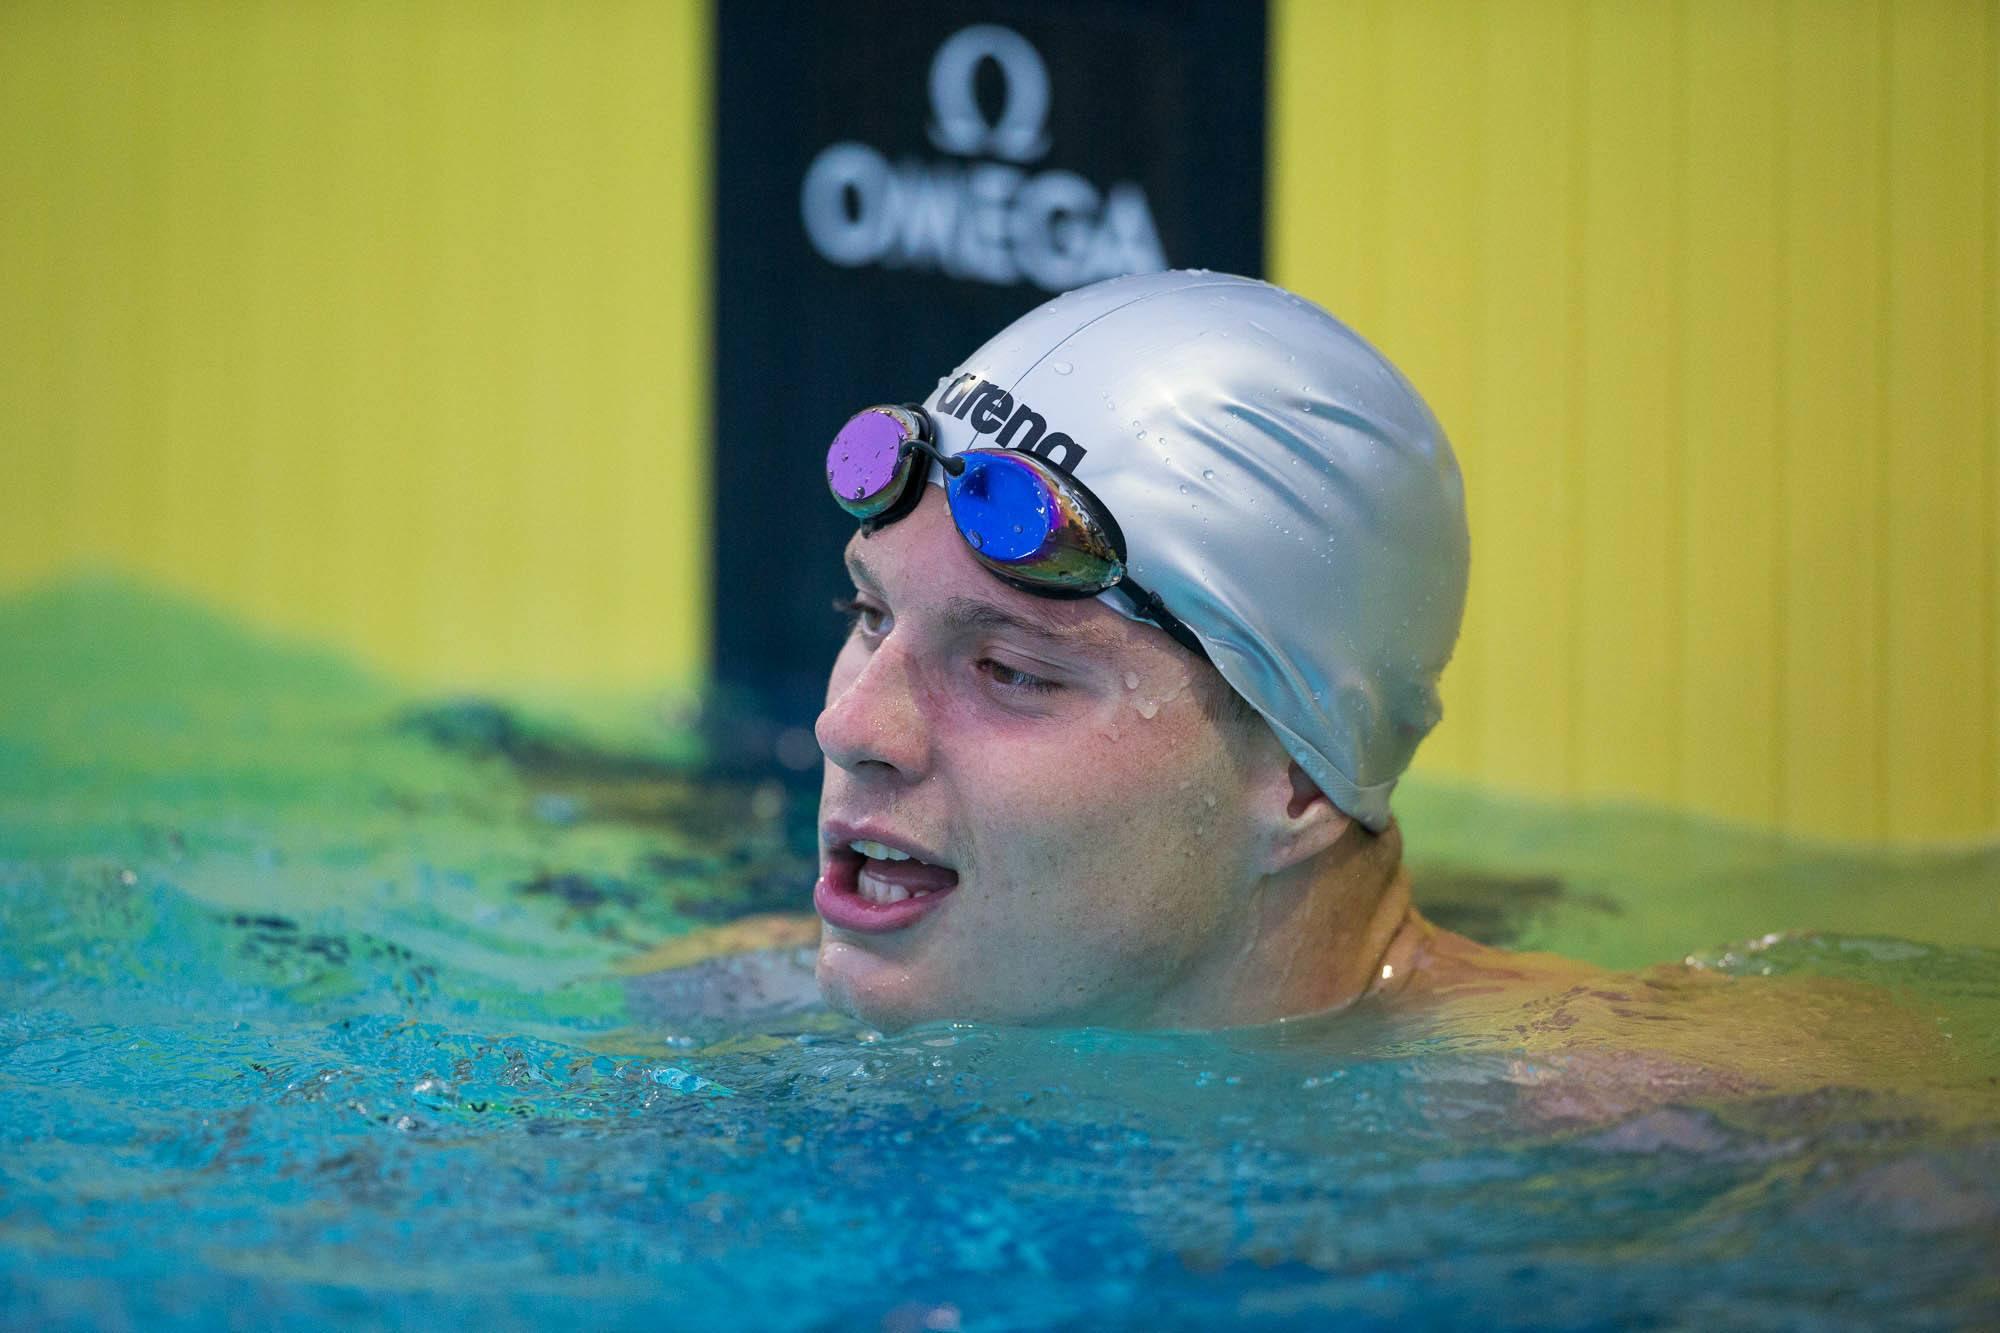 terence parkin deaf swimmer